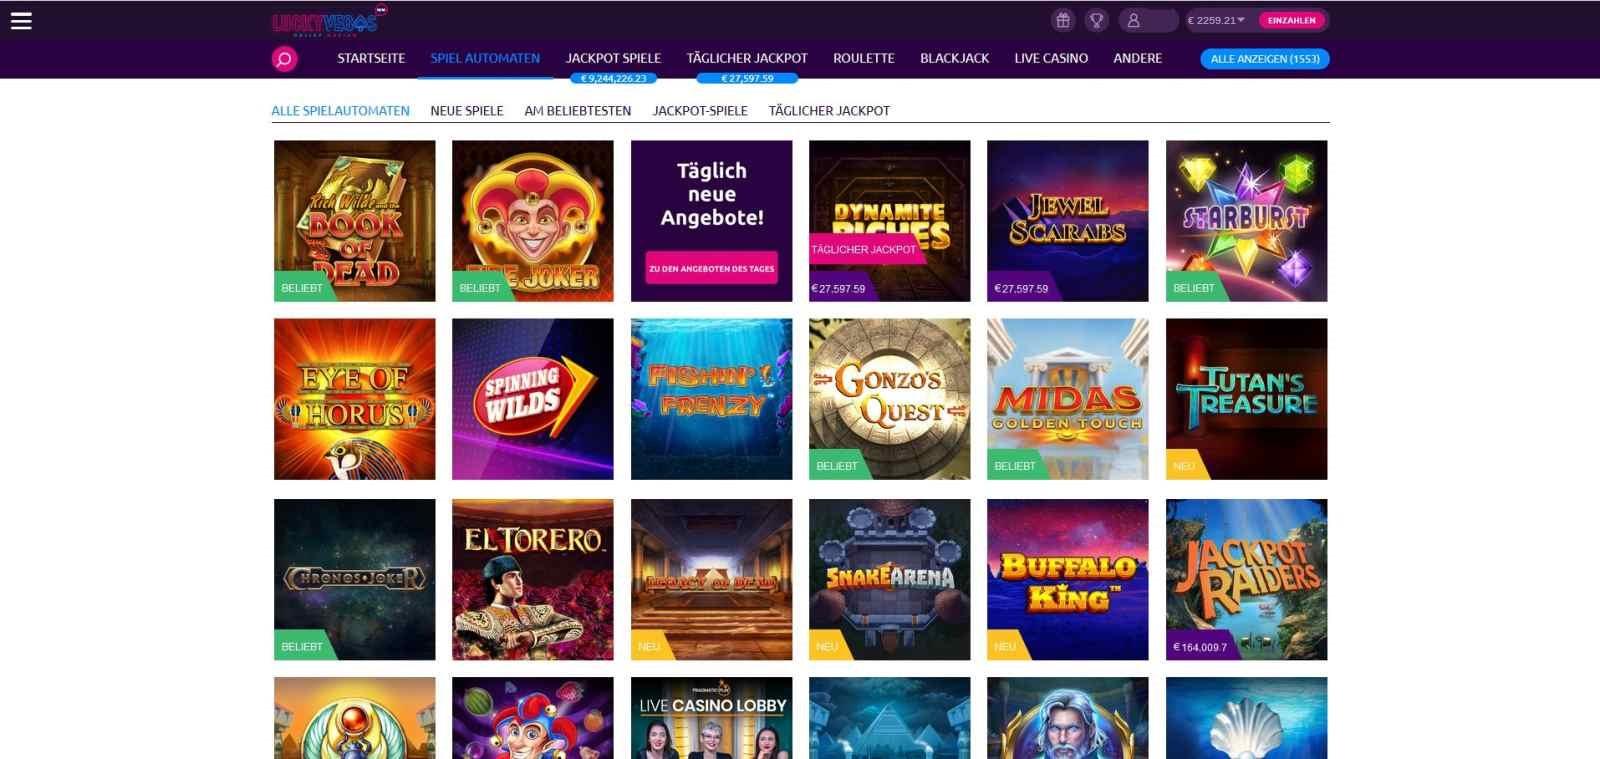 Spielautomaten LuckyVegas